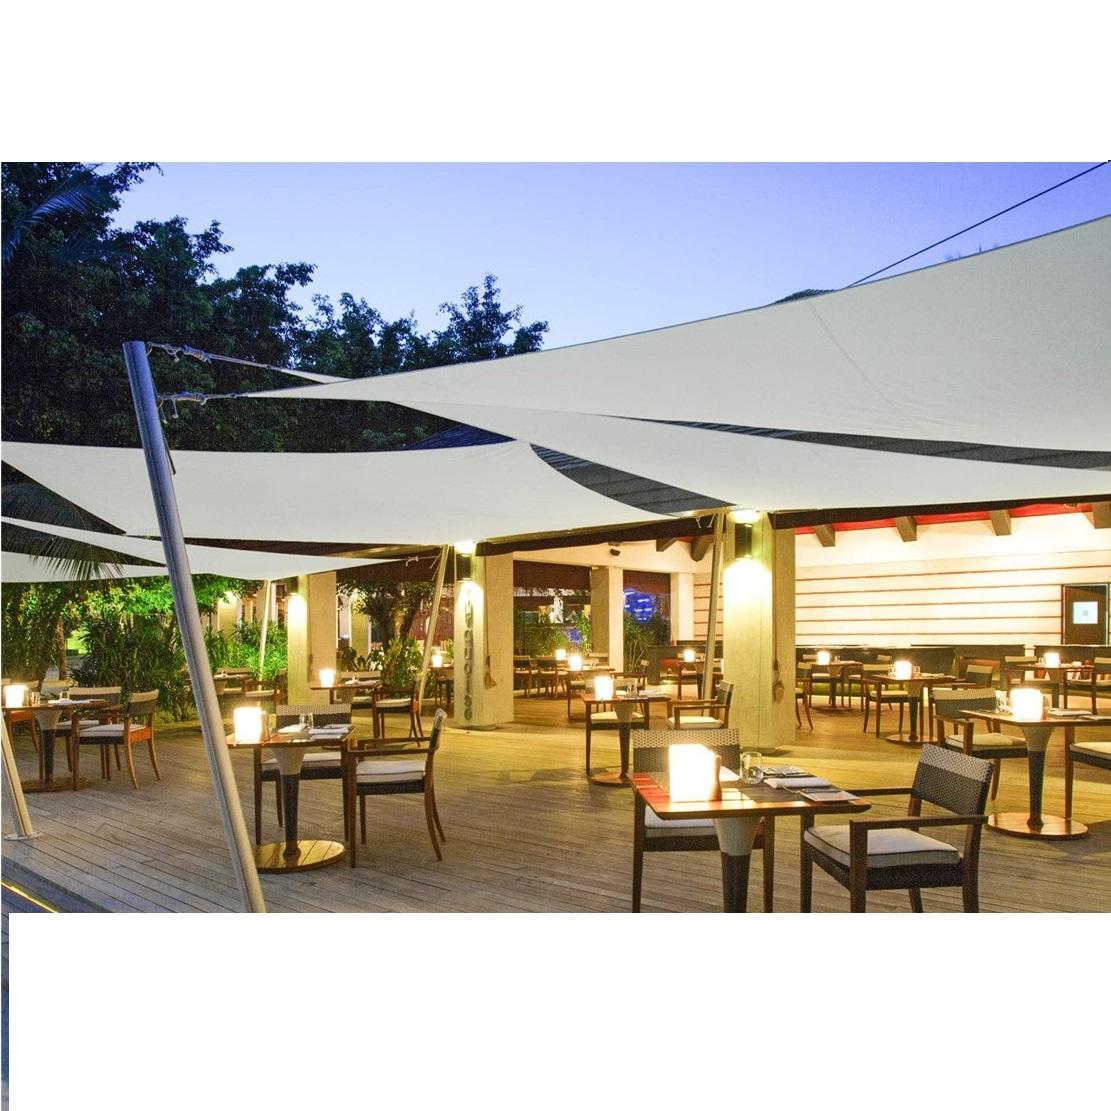 Wasserdichte Sonnensonnensegel / Leinwand Sonnensegel / Segel Sonnensegel Um zu verhindern, Sonnenlicht und Wasser,Vor allem in dem Parkplatz genutzt,Schwimmbad